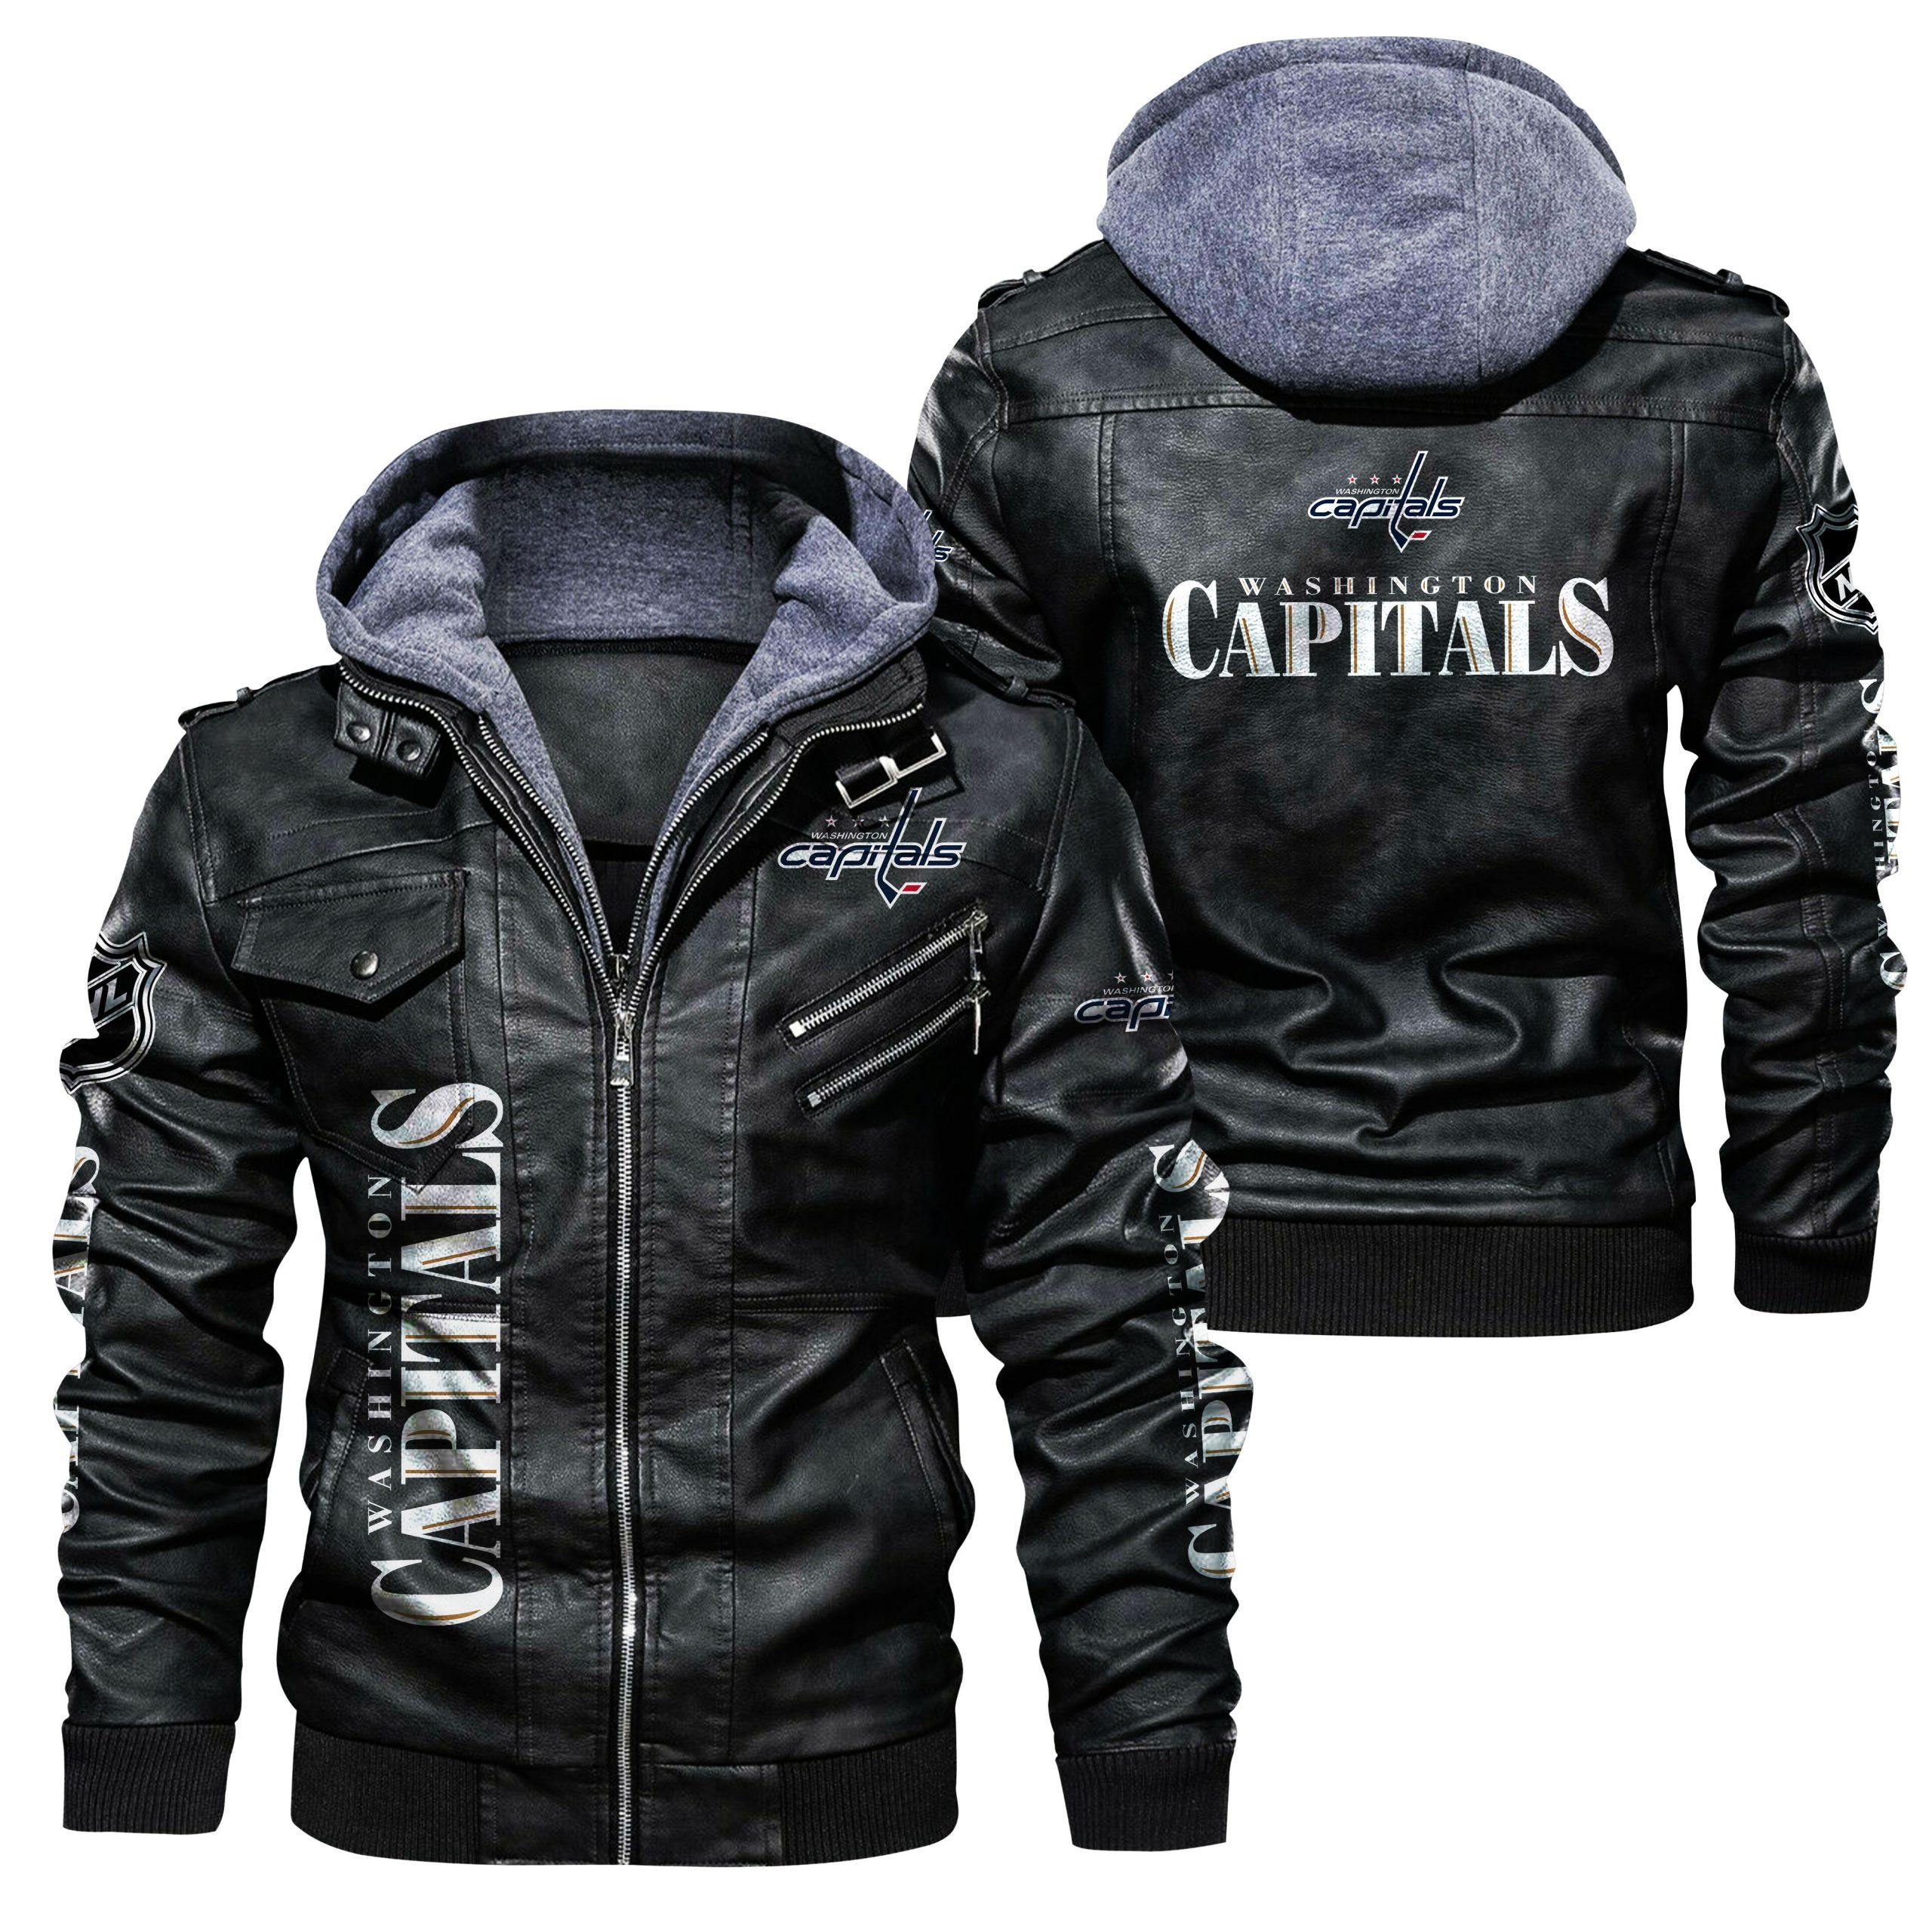 Washington Capitals Leather Jacket